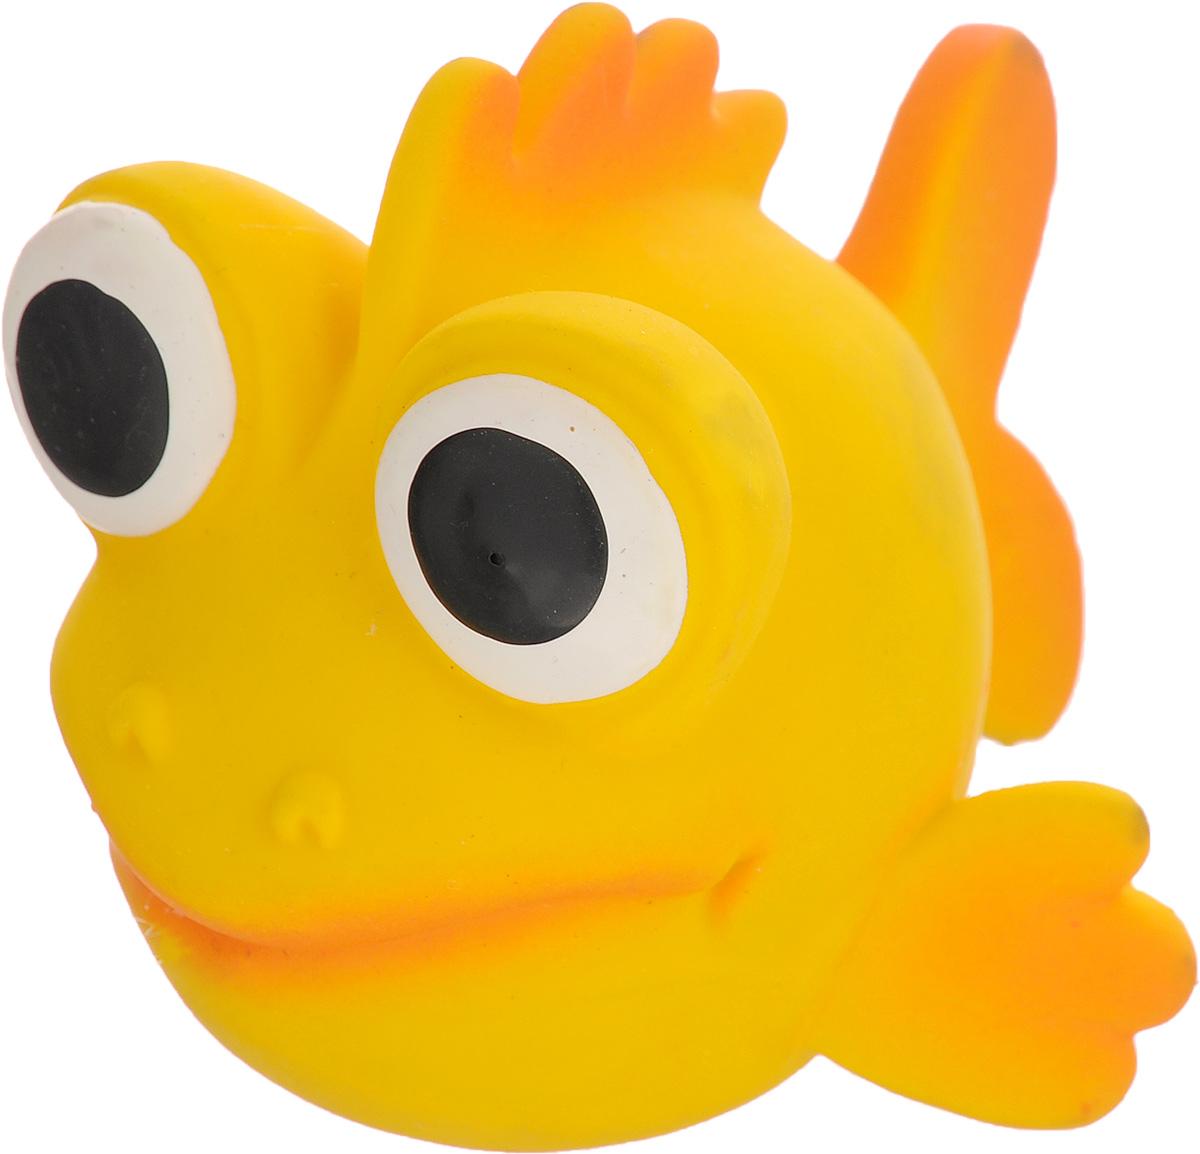 Игрушка для собак Beeztees I.P.T.S. Рыбка, цвет: желтый, оранжевый0120710Игрушка для собак Beeztees I.P.T.S. изготовлена из безопасного латекса в форме забавной рыбки с большими глазами. Игрушка снабжена пищалкой. Предназначена для игр с собаками разных возрастов. Такая игрушка привлечет внимание вашего любимца и не оставит его равнодушным.